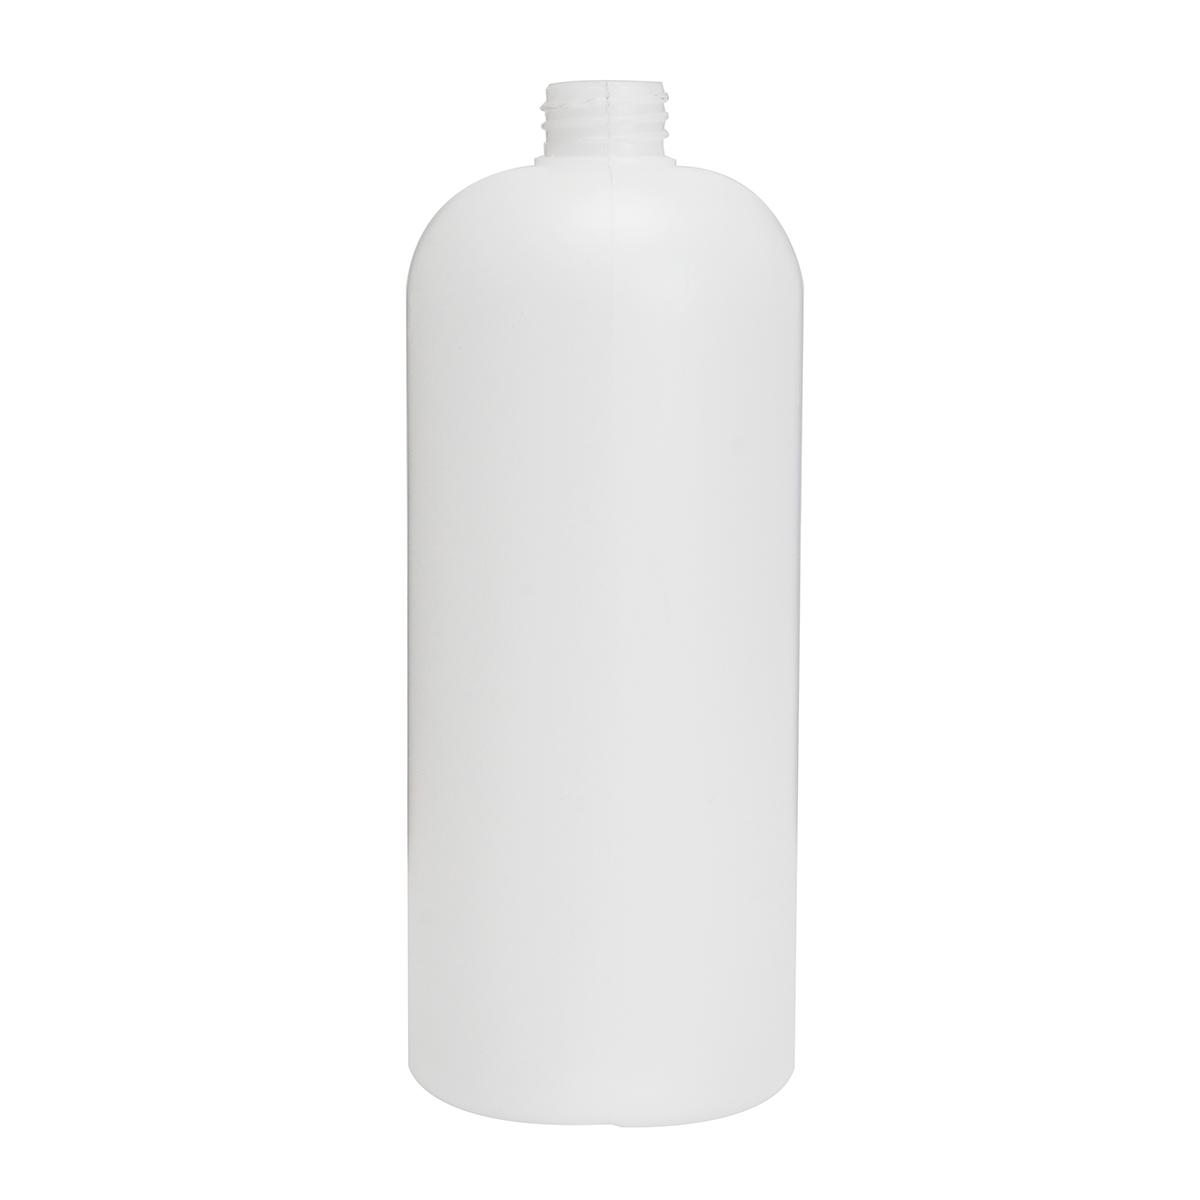 car pressure washer snow foam bottle lance sprayer jet gun for lavor series alex nld. Black Bedroom Furniture Sets. Home Design Ideas